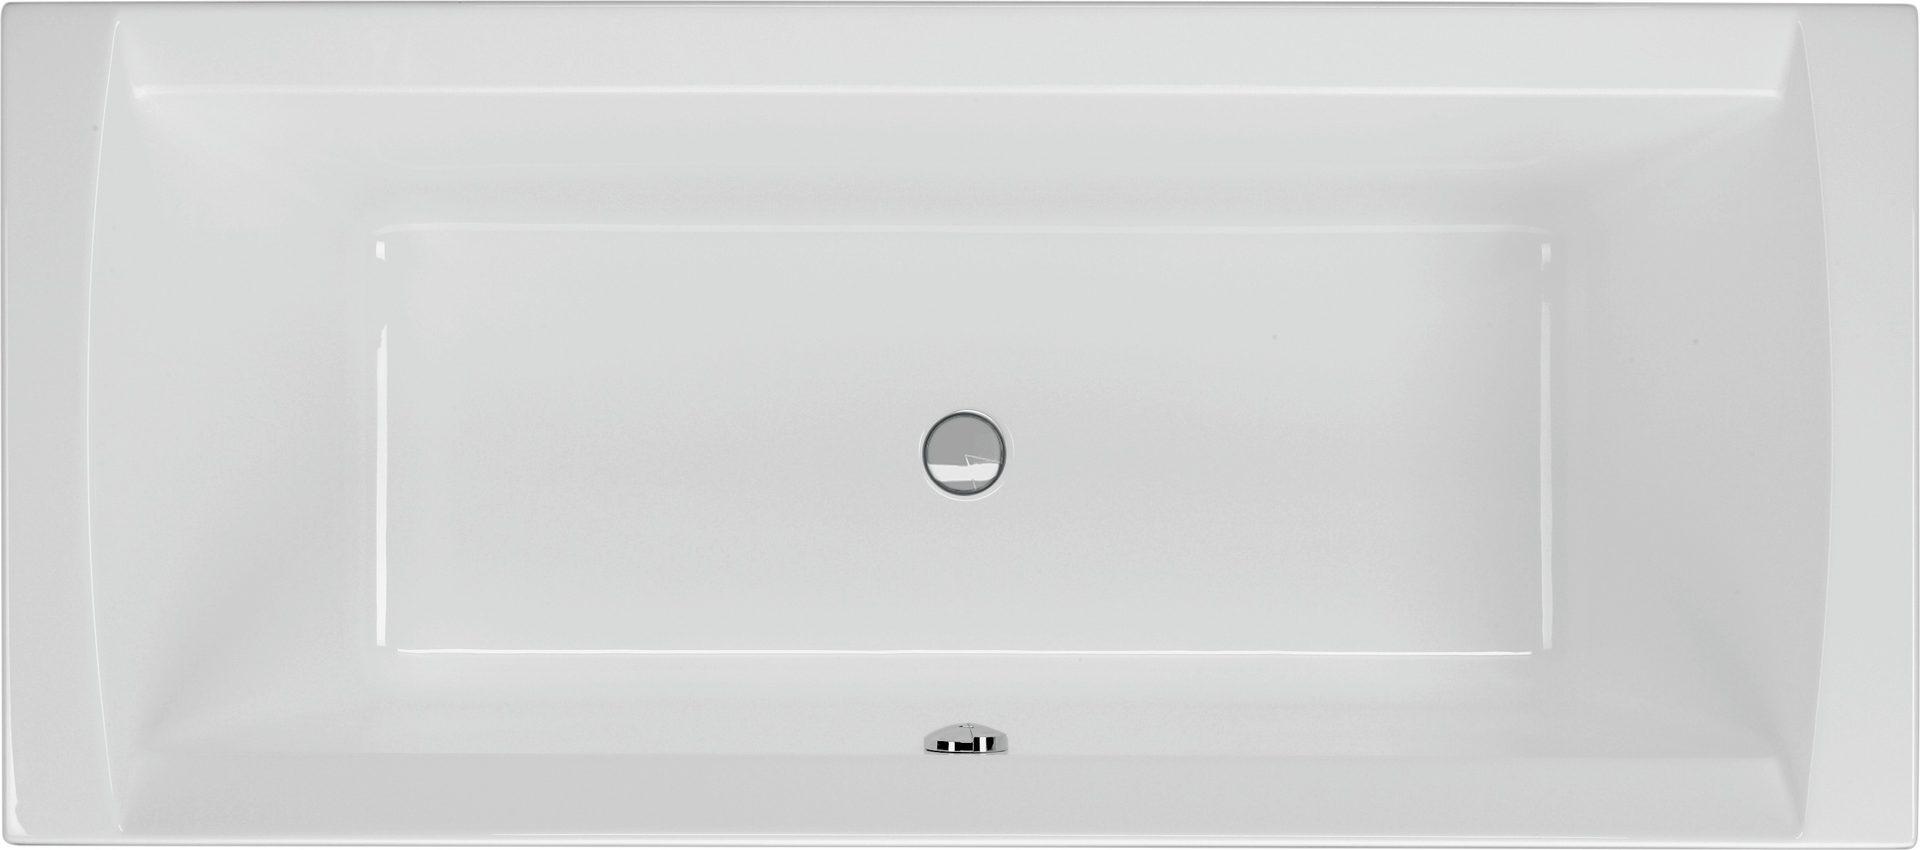 Relativ Rechteck Badewanne mit Schürze 170 x 75 cm | Bad Heizung Design RU97